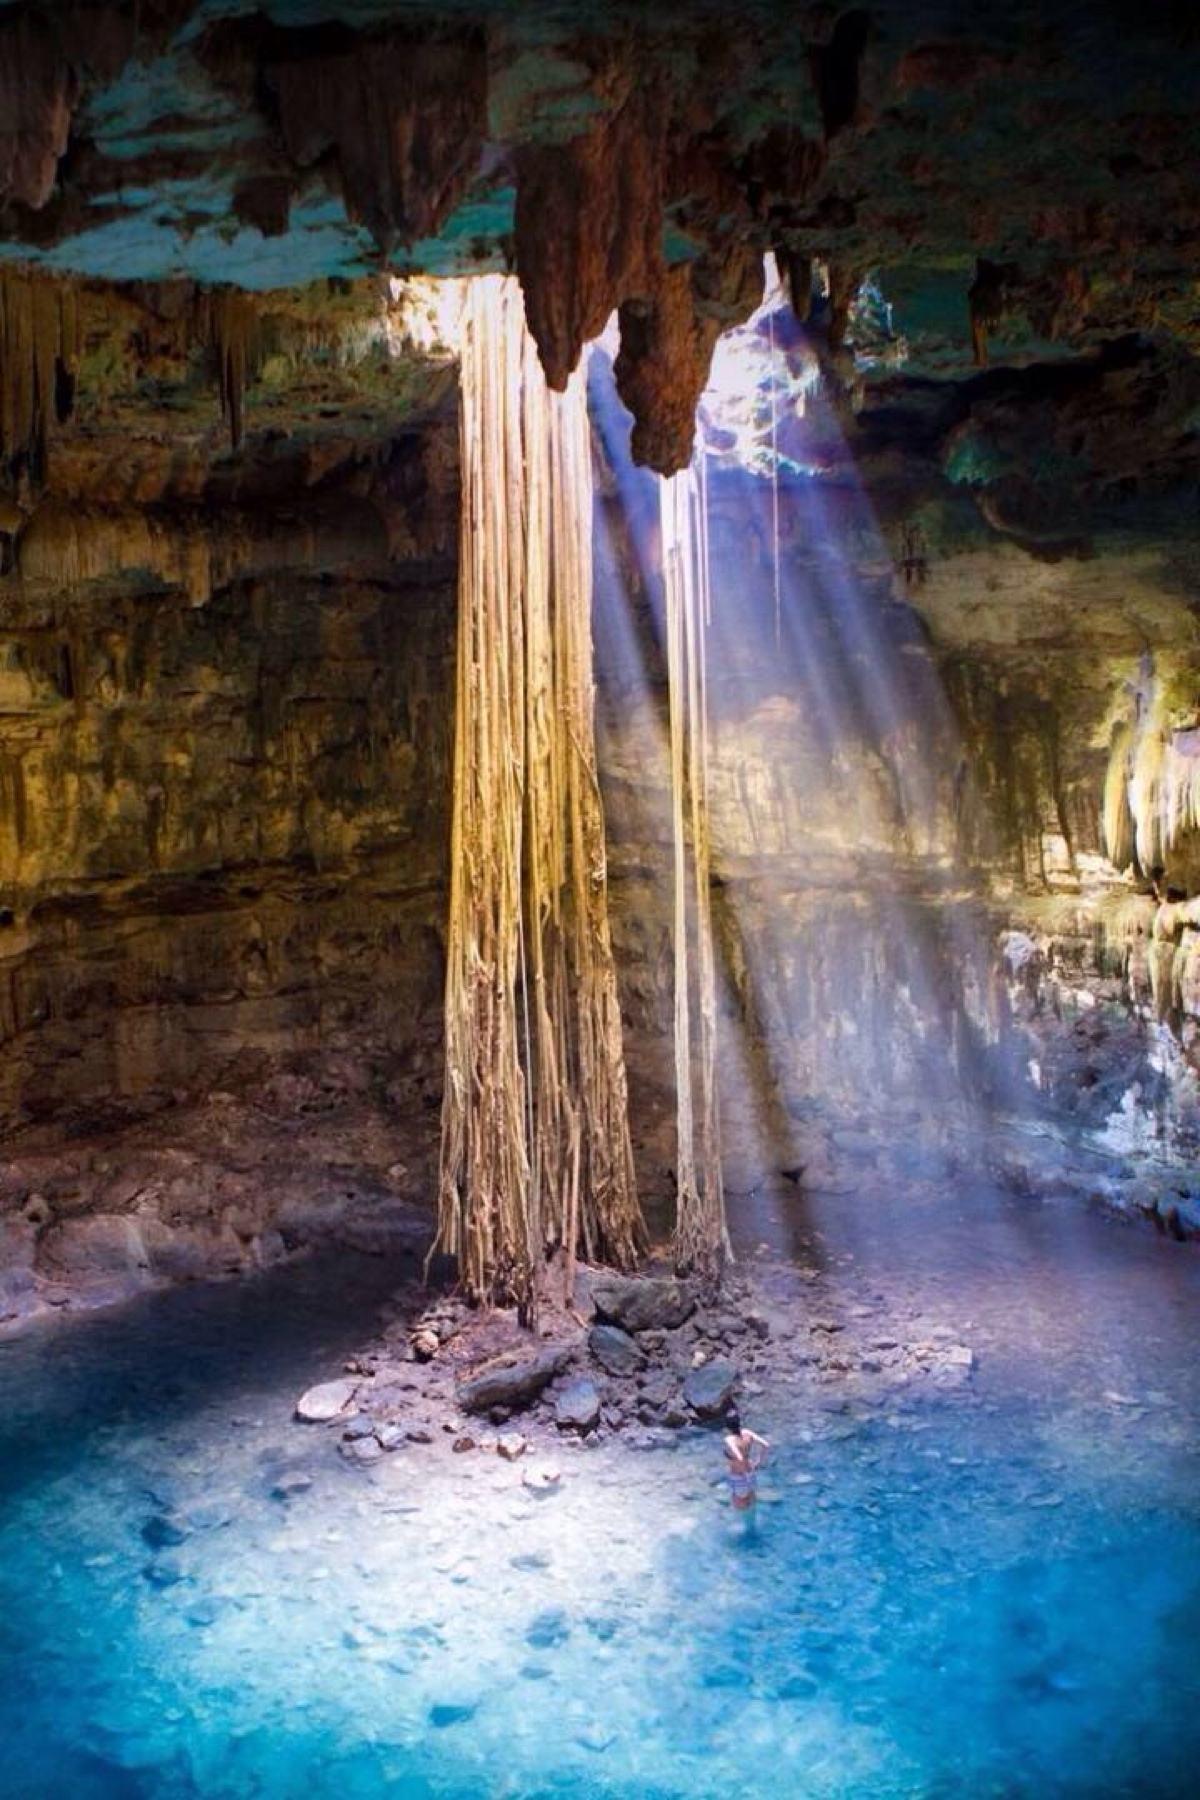 女人嫩穴洞_穴cenote angelita,这个景点最奇特的当属岛屿身在大海之中,洞穴内